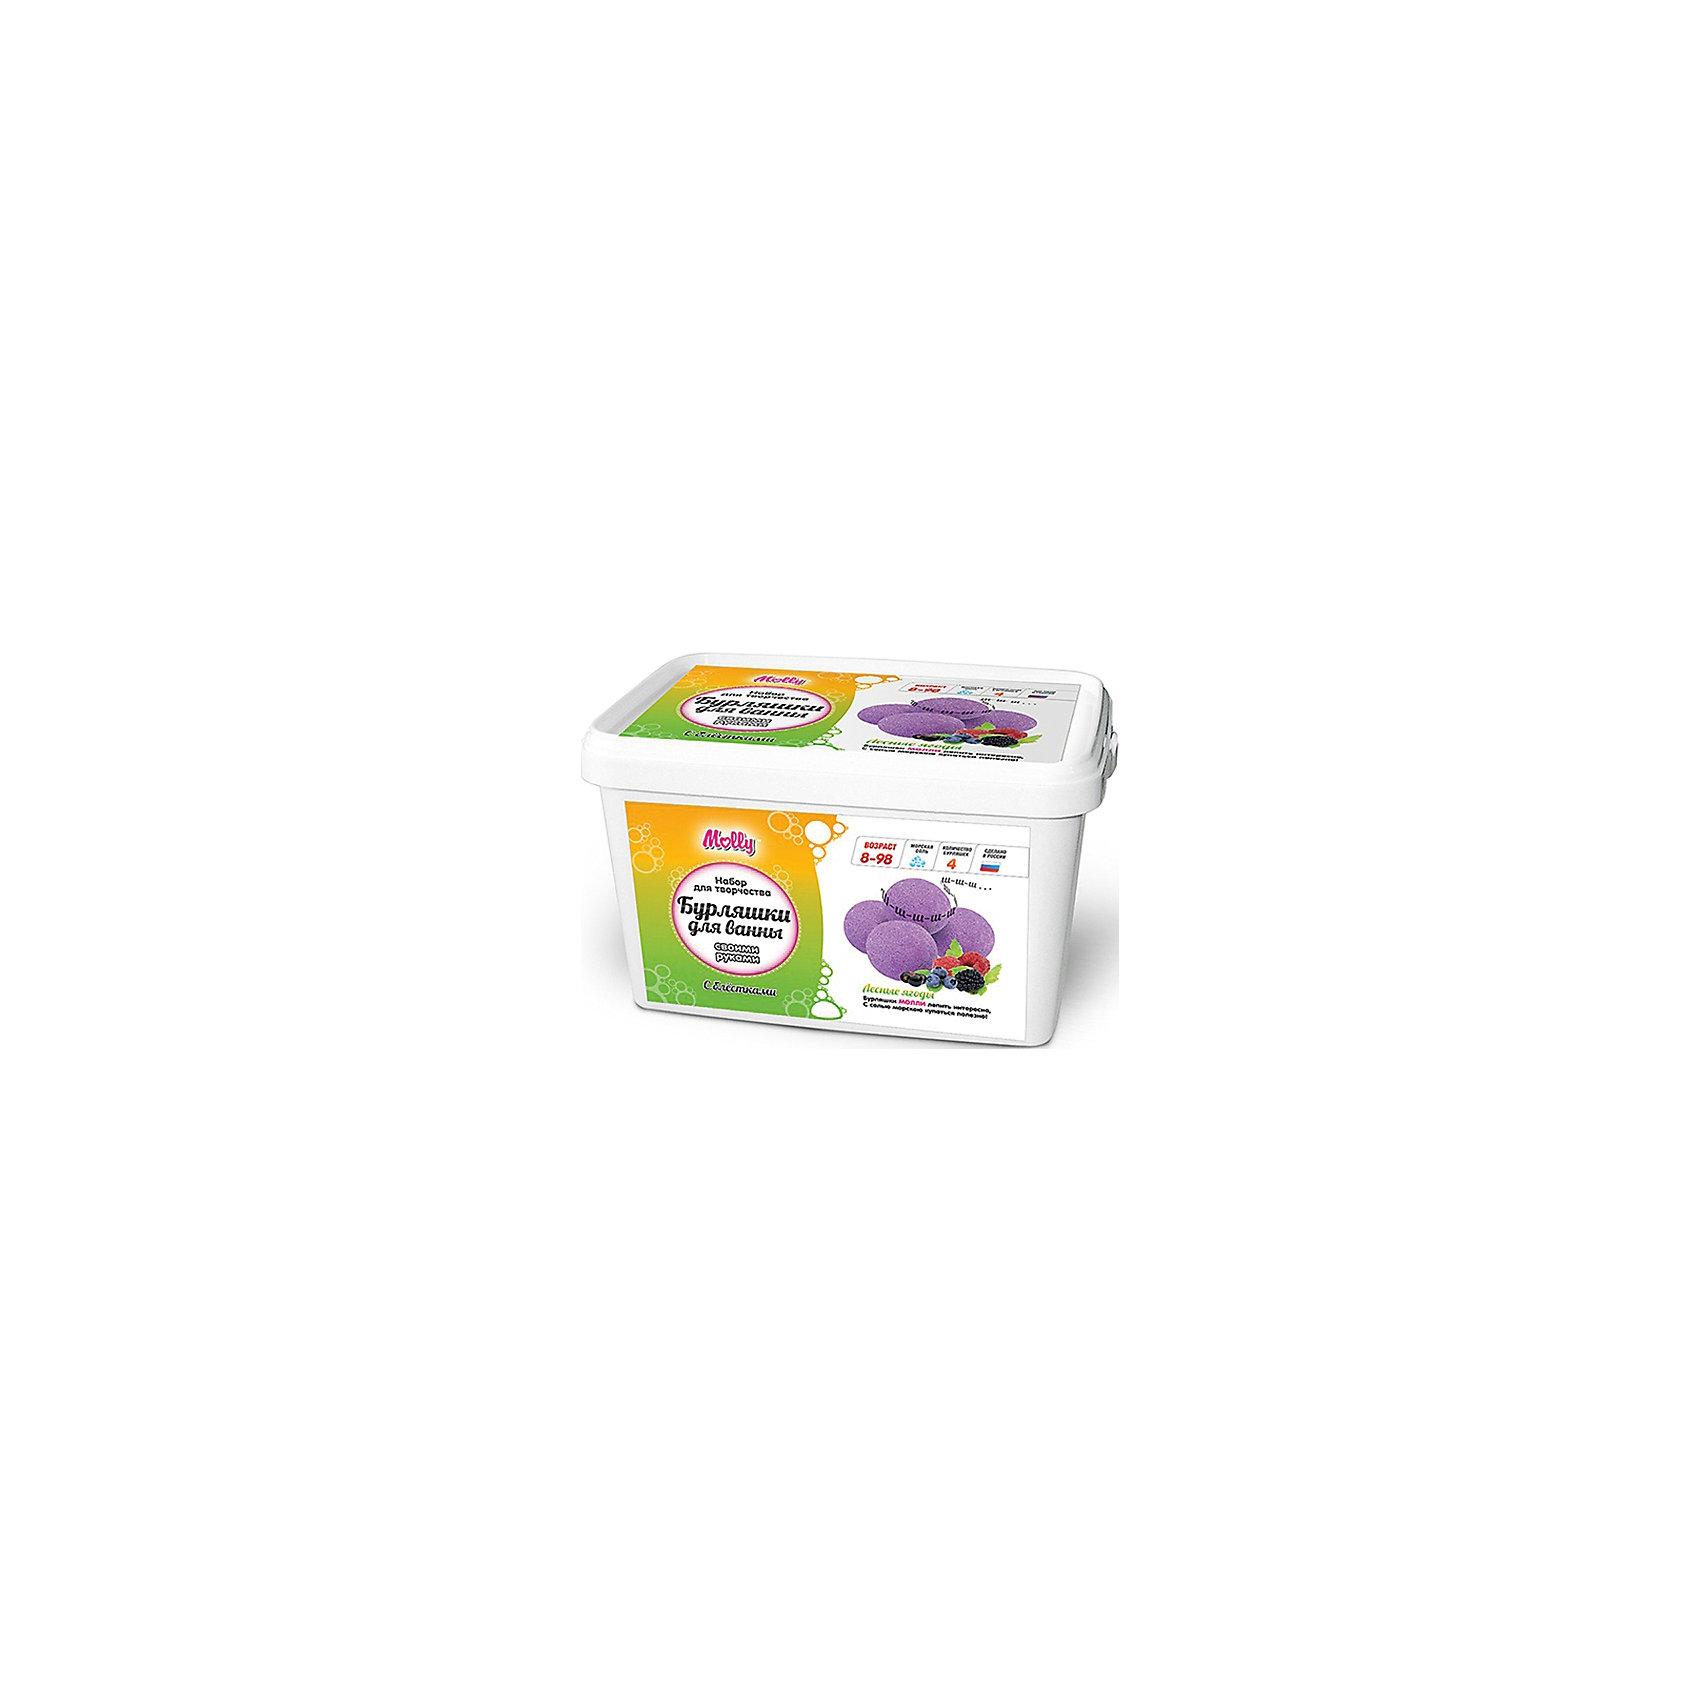 Бурляшки для ванны своими руками  Лесные ягодыОригинальные бурляшки (бомбочки для ванн), которые можно создать своими руками. В состав набора входит: сода, лимонная кислота, морская соль, 1 краситель, 1 ароматизатор,  форма для бурляшек,  одноразовые перчатки и подробная инструкция.<br><br>Ширина мм: 20<br>Глубина мм: 13<br>Высота мм: 11<br>Вес г: 500<br>Возраст от месяцев: 96<br>Возраст до месяцев: 144<br>Пол: Унисекс<br>Возраст: Детский<br>SKU: 5115194